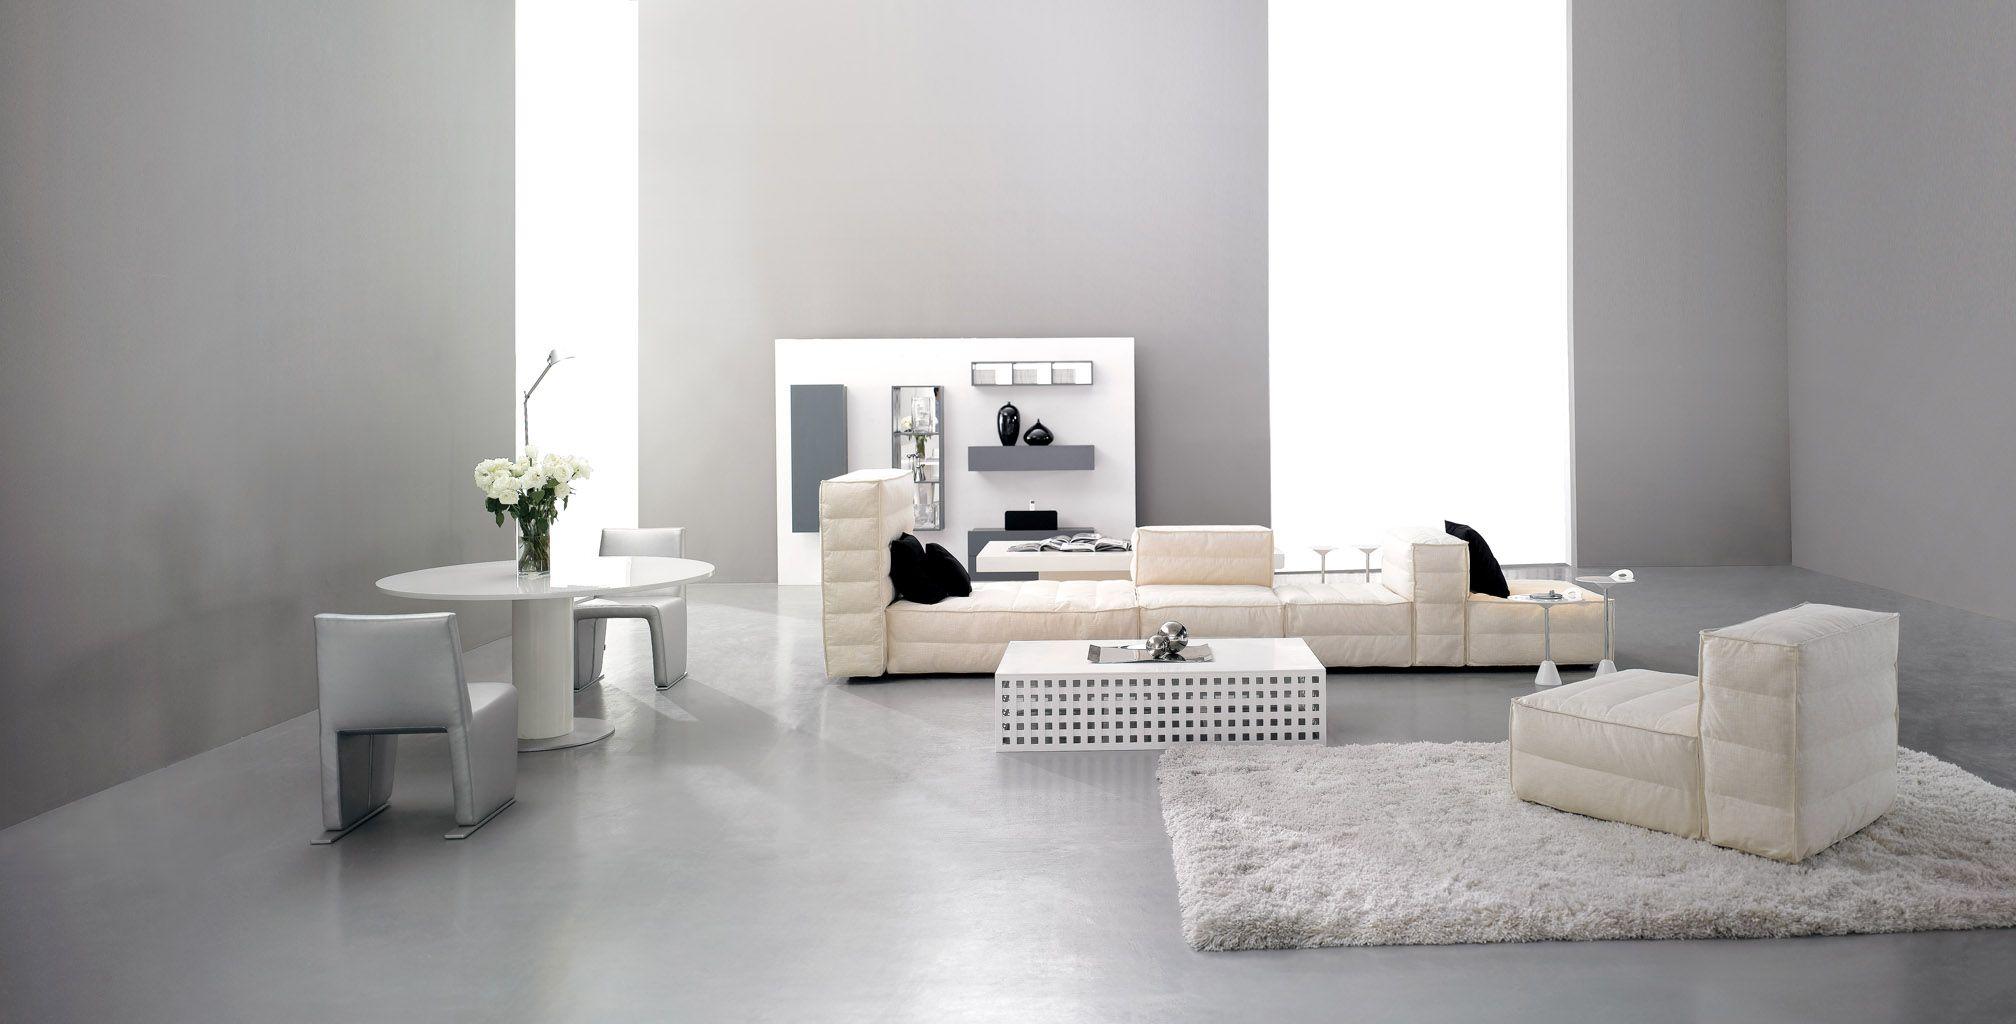 Sofa Covers Simply Casa us SIMPLY SOFA Contemporary living room modern living room Ivory contemporary sofa